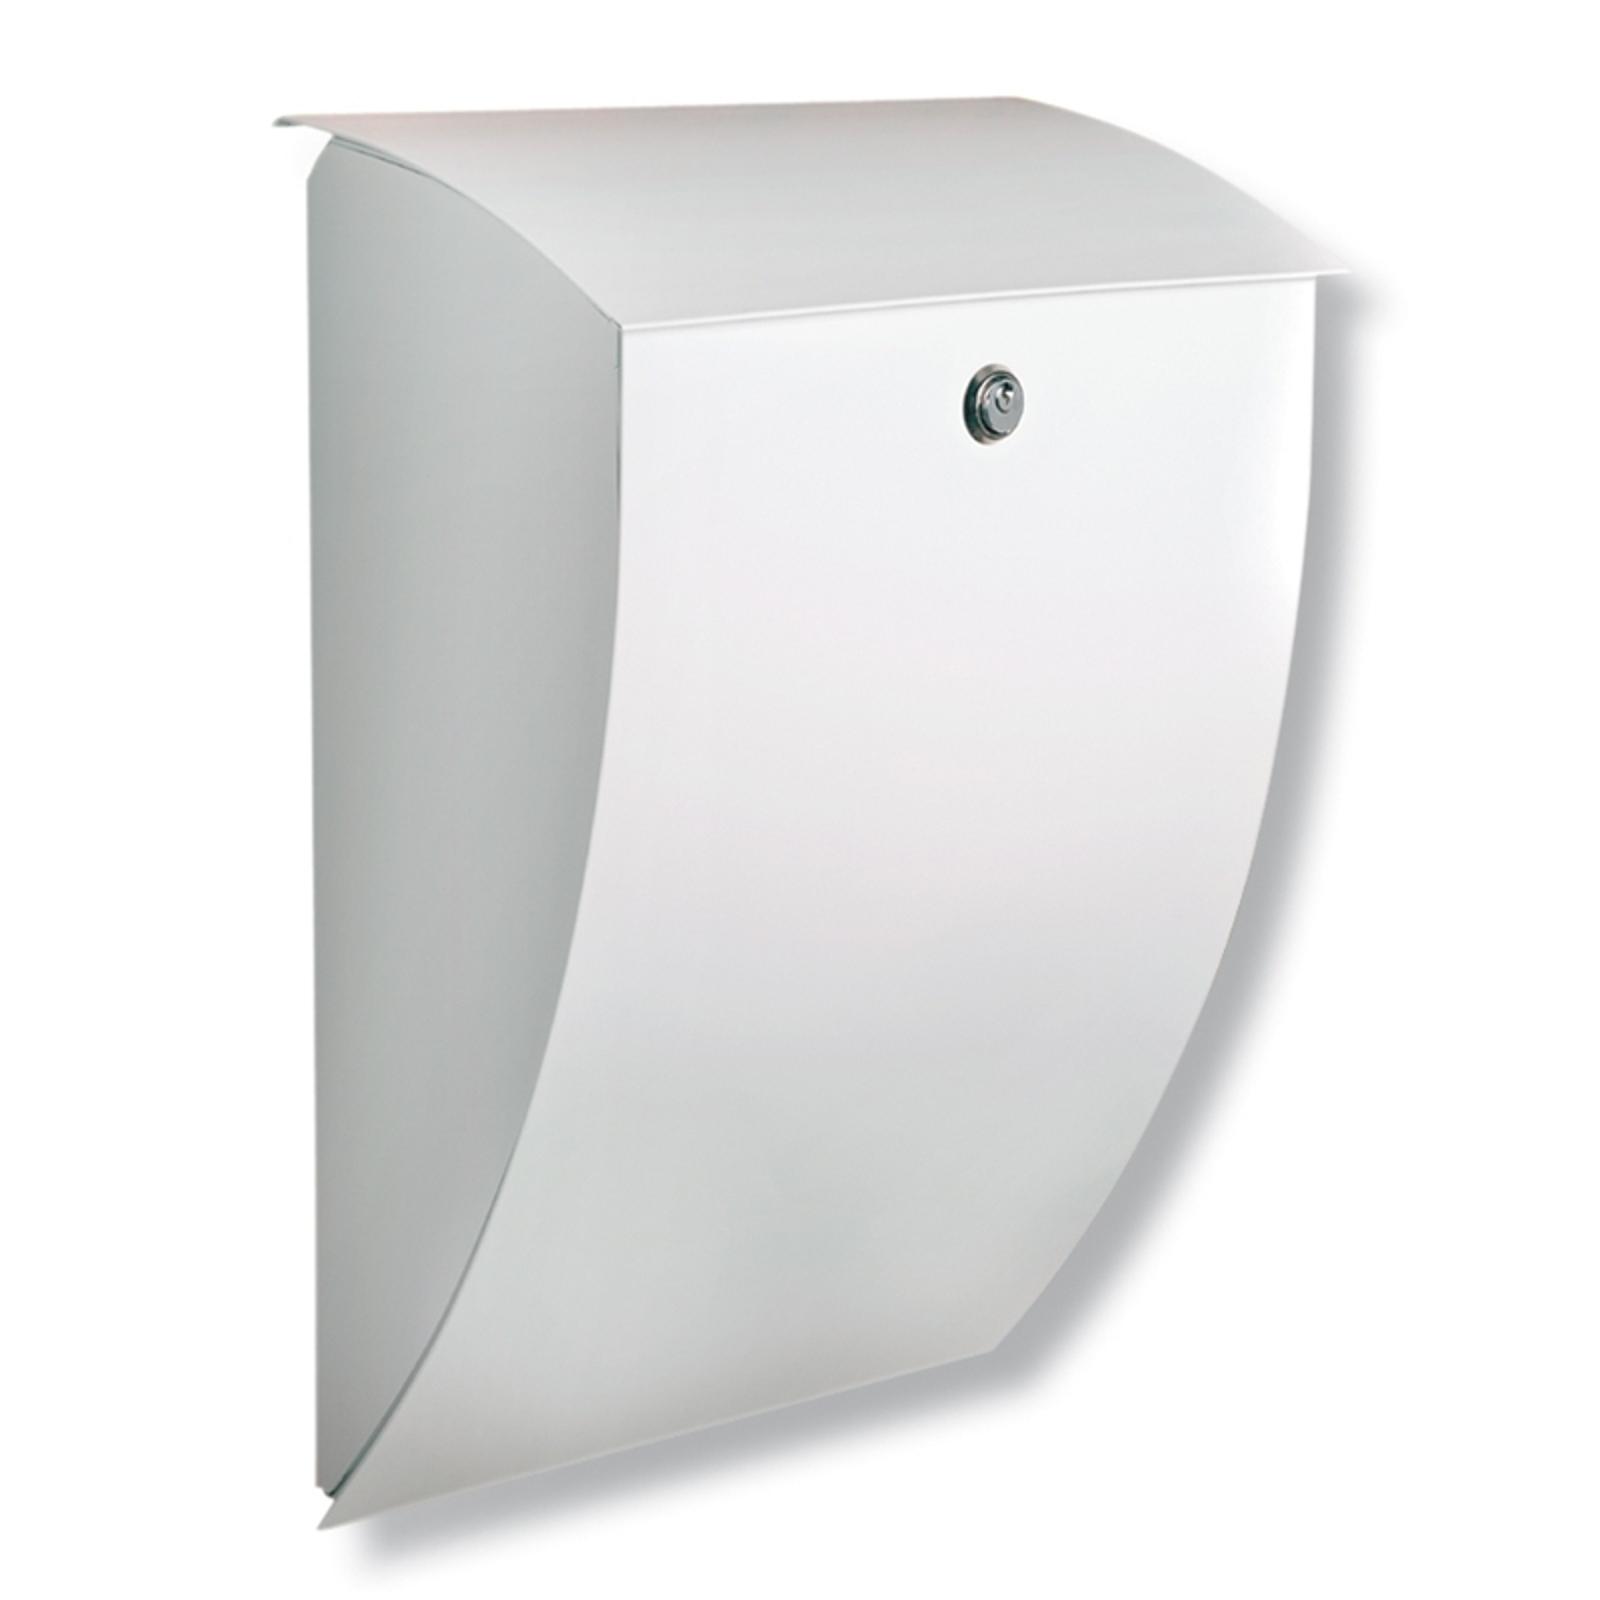 MILANO postkasse i galvaniseret stål, hvid